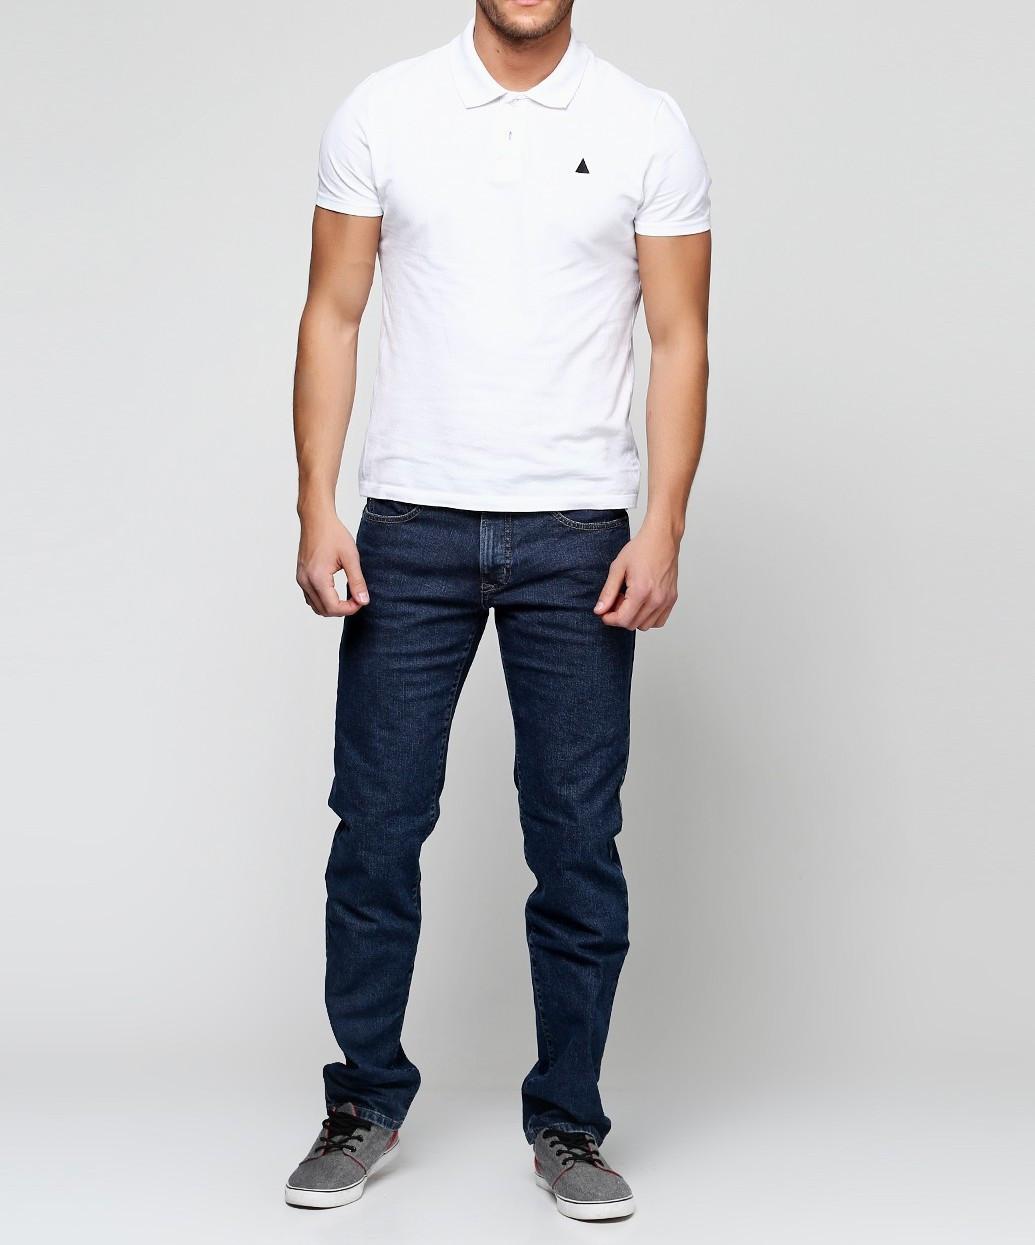 Мужские джинсы Pioneer 33/30 Синий (2900054955012)